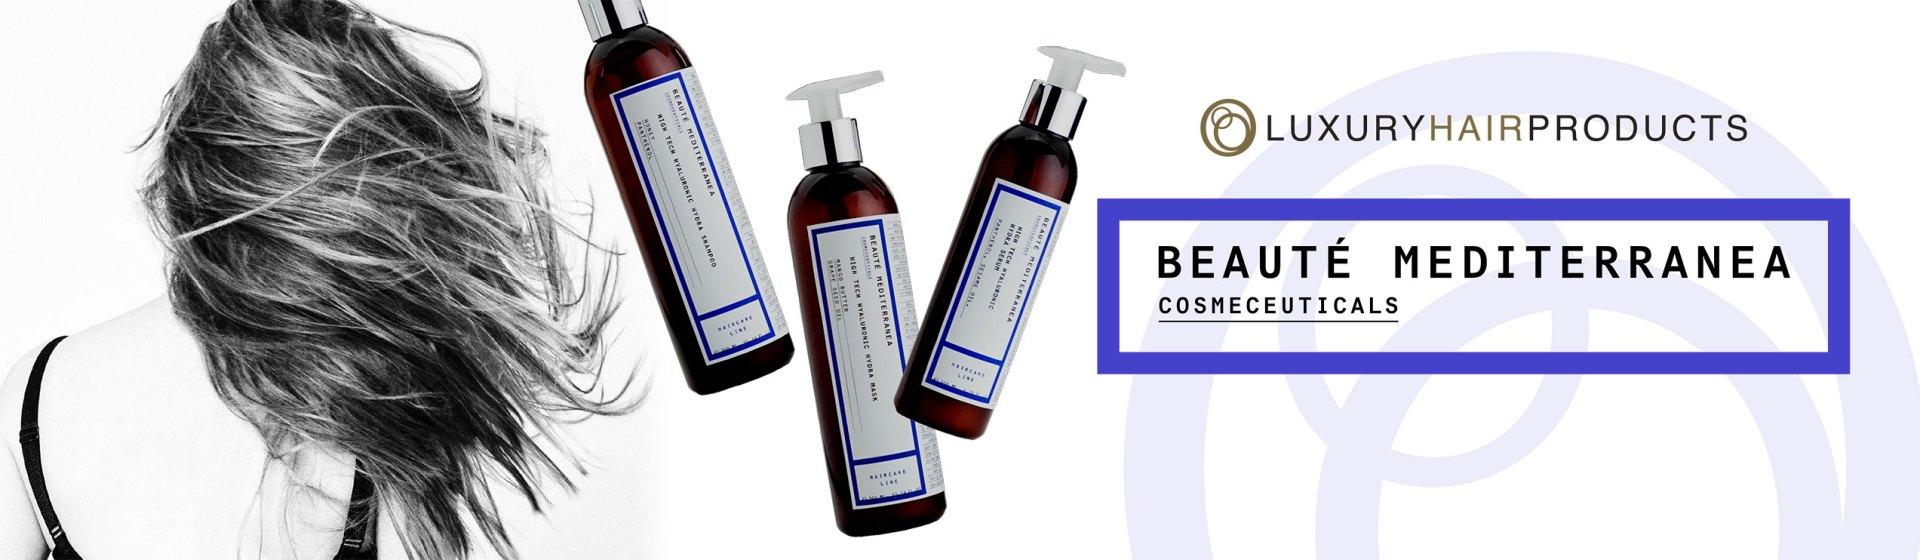 Beauté Mediterranea cosmeceuticals - Luxury hair products